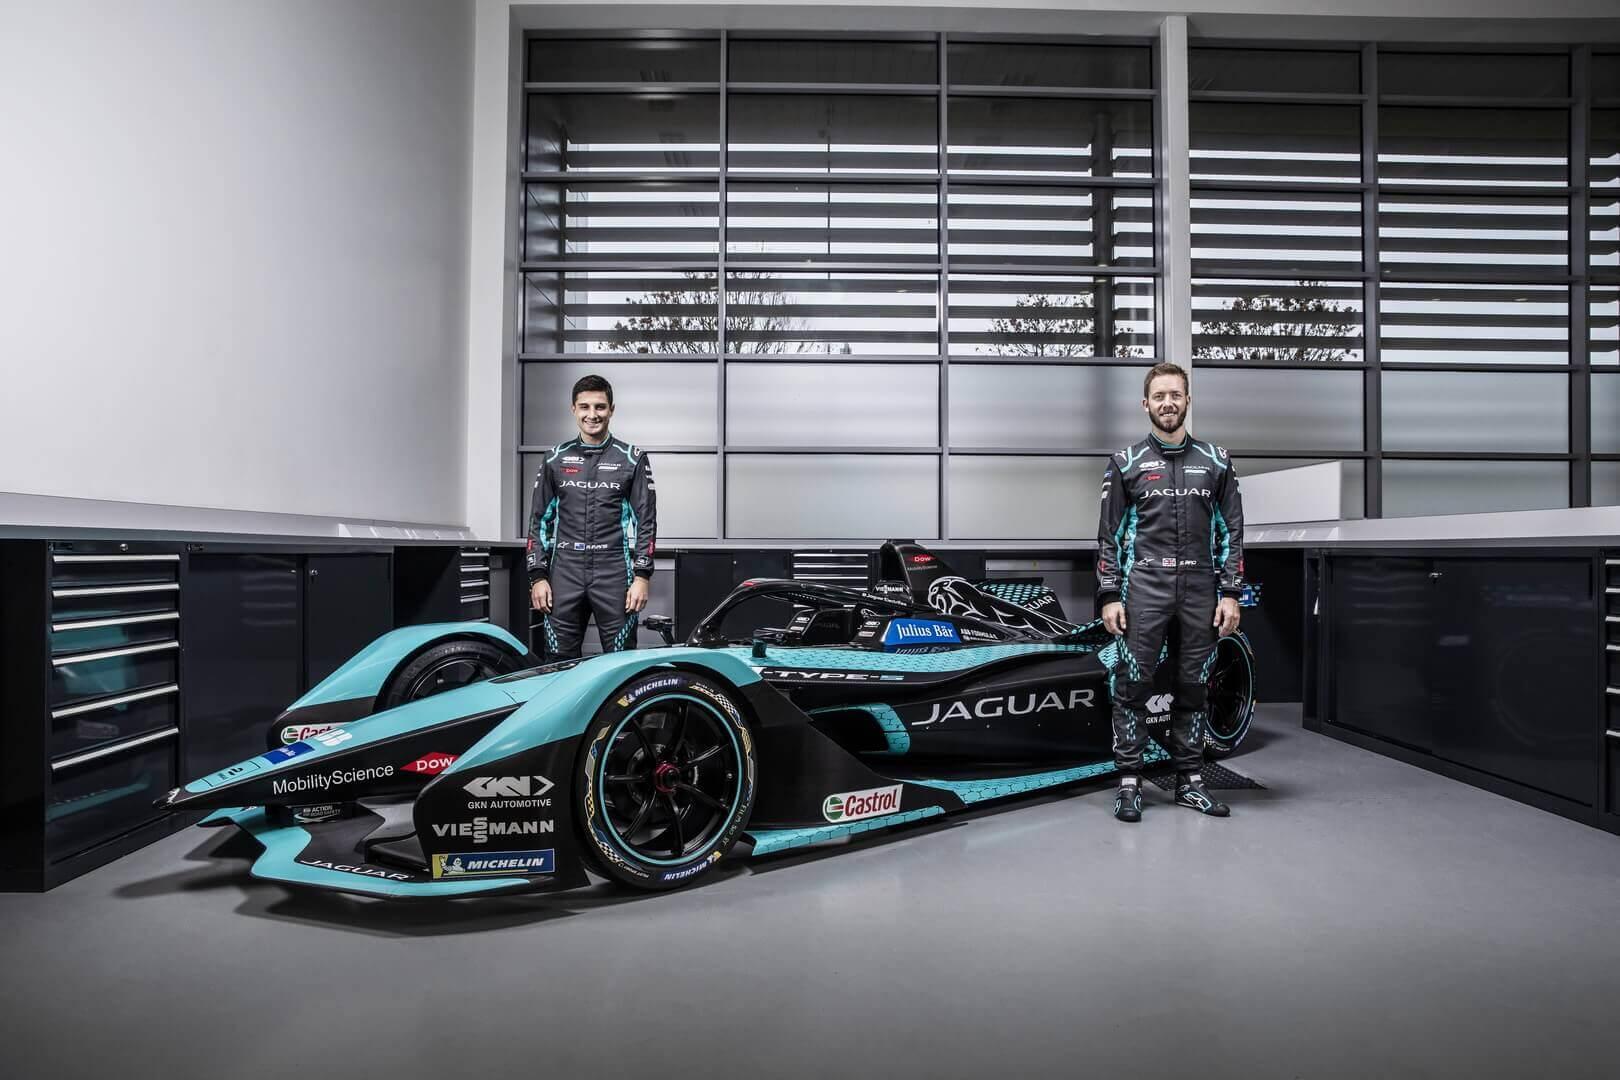 Сэм Бёрд и Митч Эванс будут управлять новым гоночным автомобилем Jaguar Racing